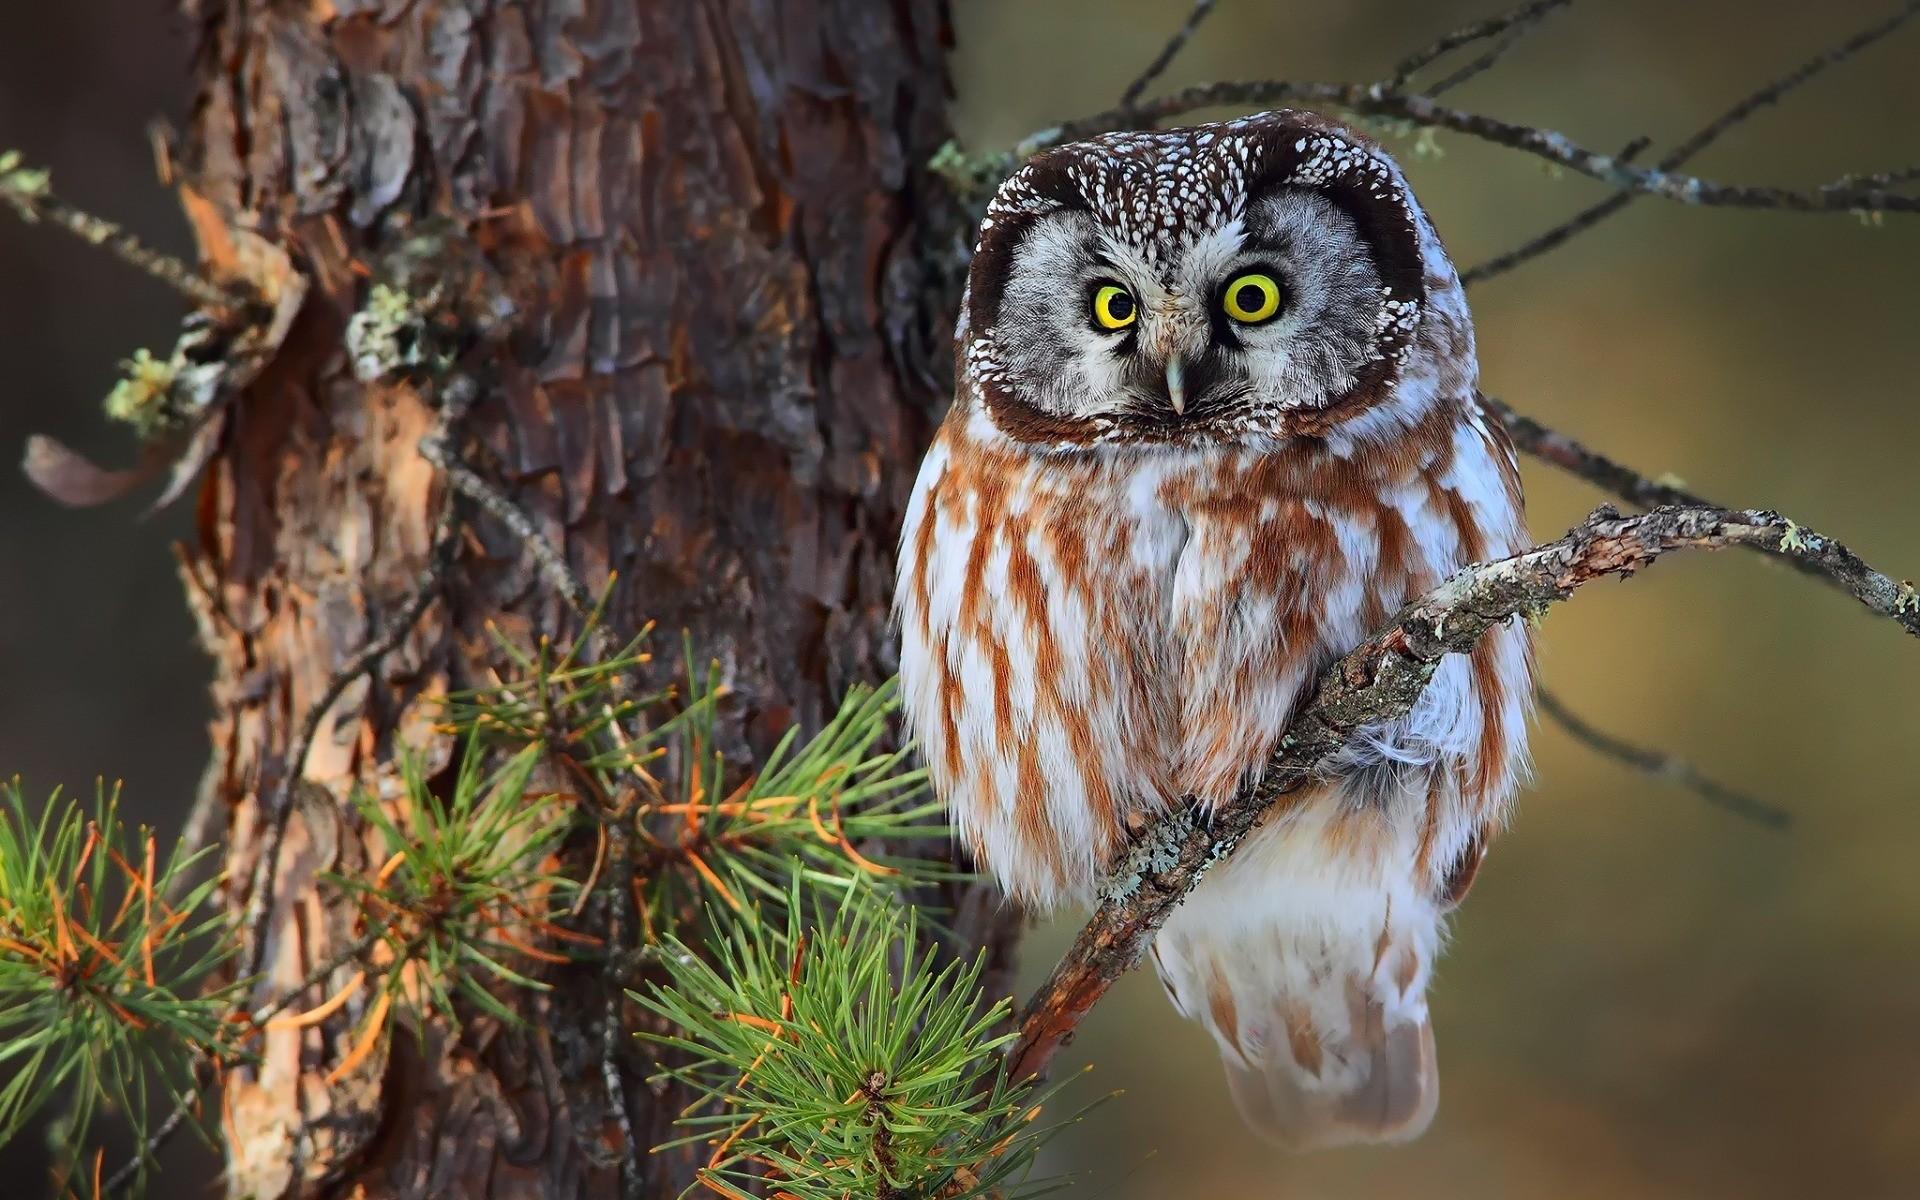 много необычных прикольные фотографии птиц и животных в лесу часто